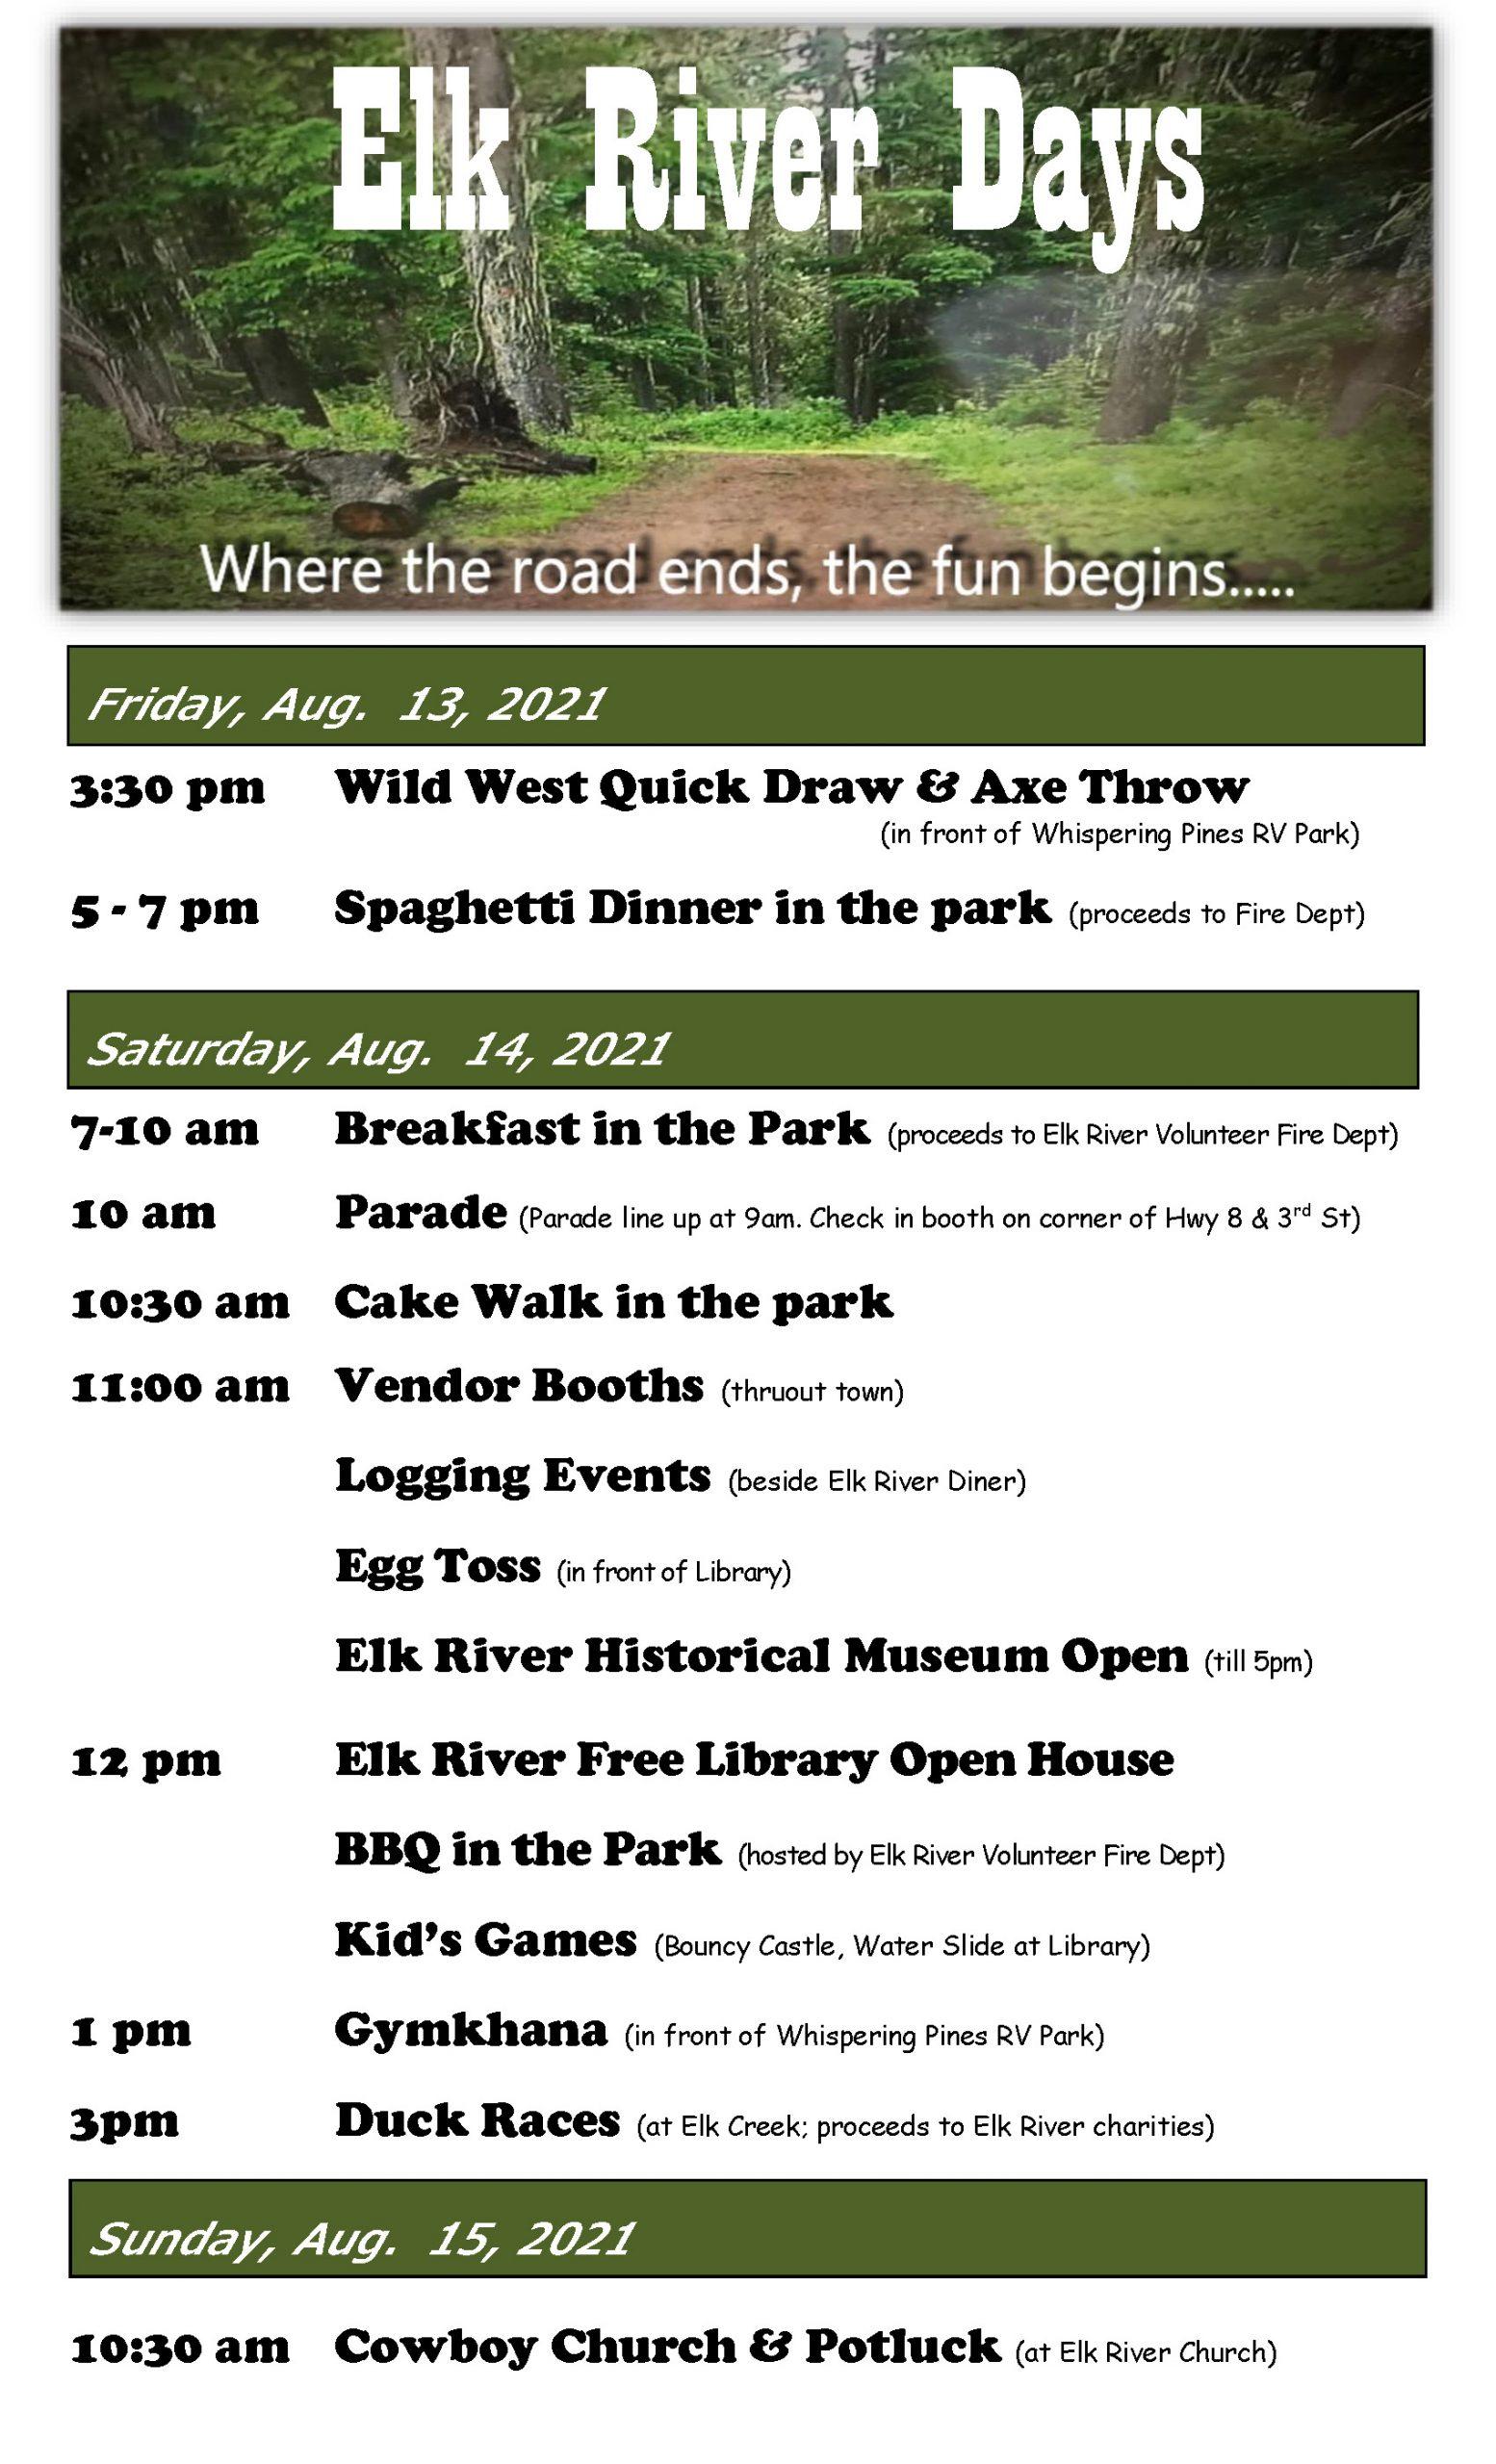 Elk River Days 2021 Poster